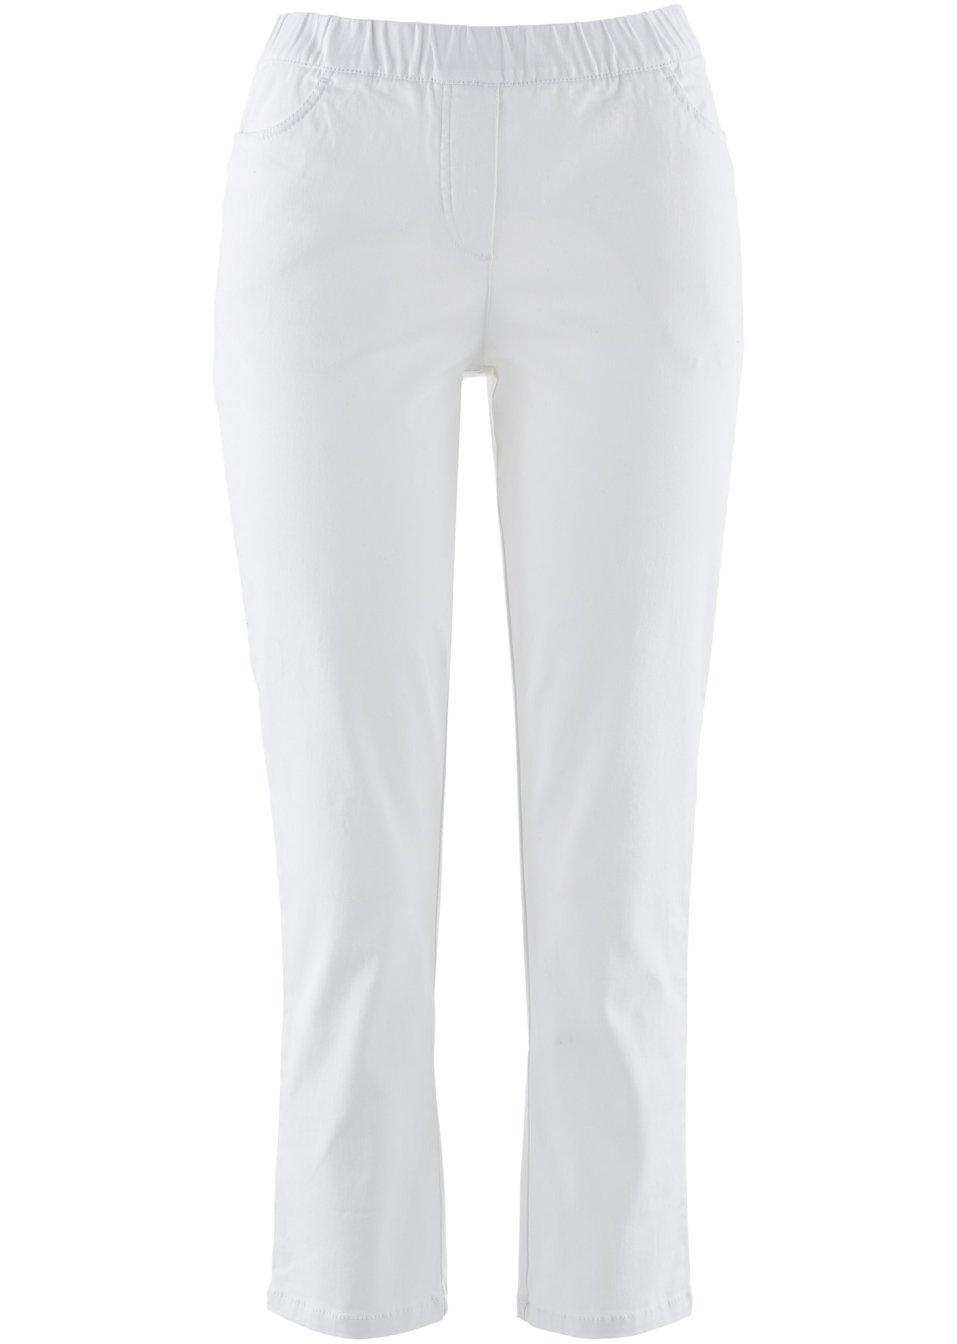 Stilvolle 7/8-Schlupfhose mit Taschen und Gummibund - weiß 0NNmf gBVwq